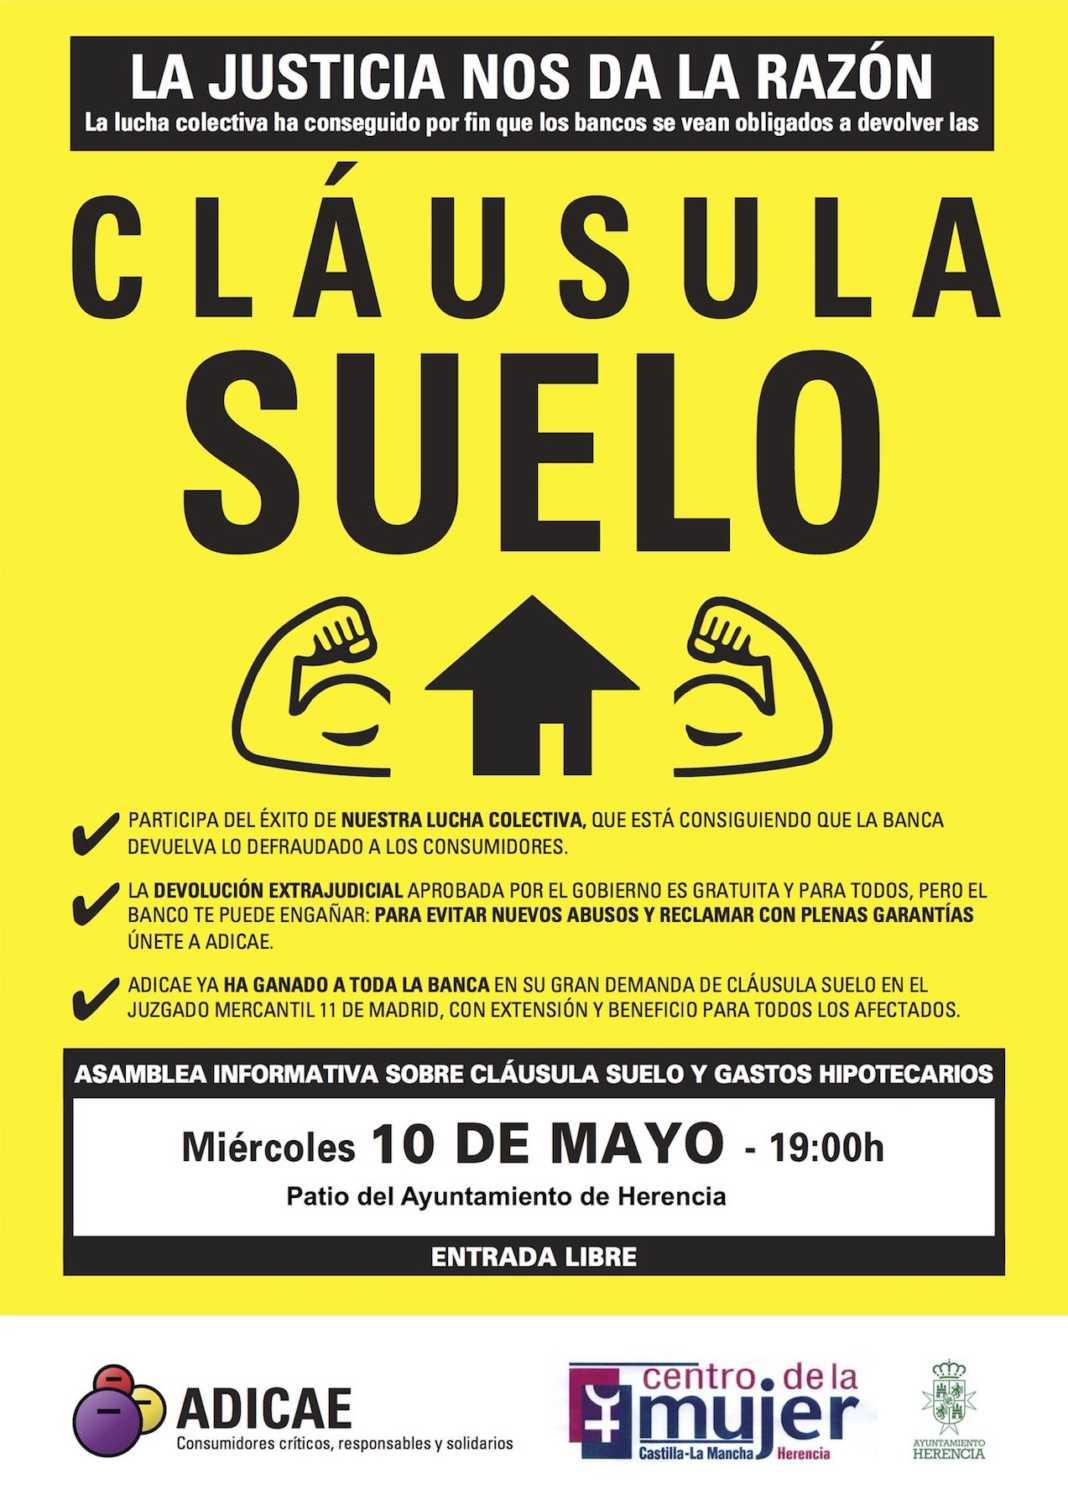 Asamblea informativa sobre la cláusula suelo el próximo 10 de mayo 4